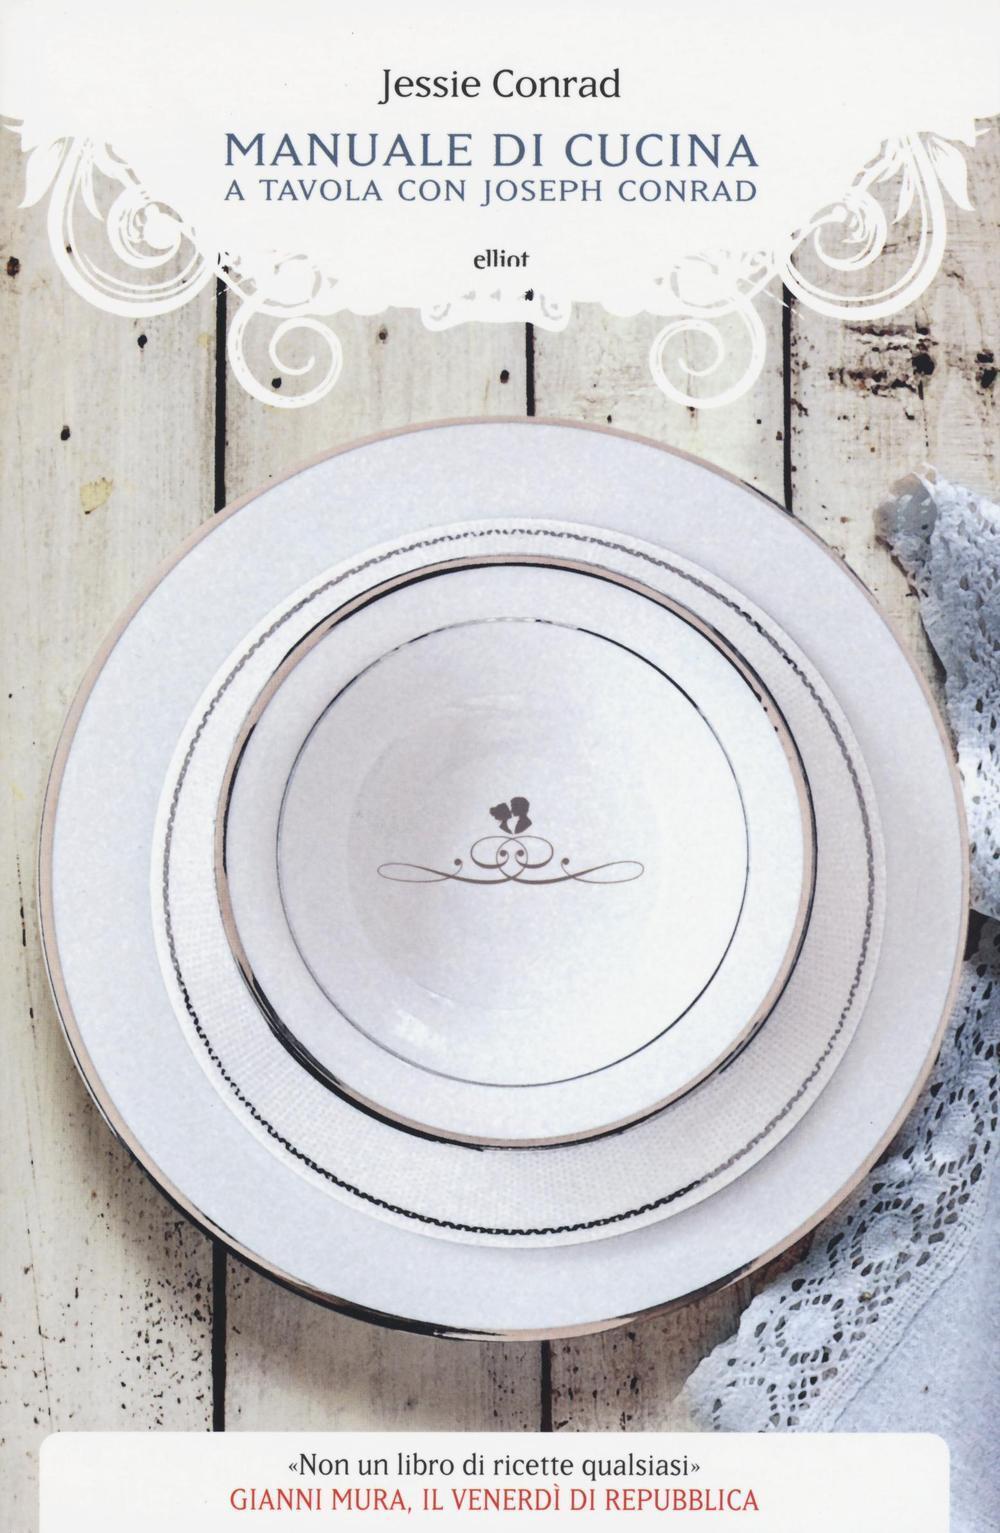 Manuale di cucina a tavola con joseph conrad jessie conrad libro elliot manubri ibs - Manuale di cucina professionale pdf ...